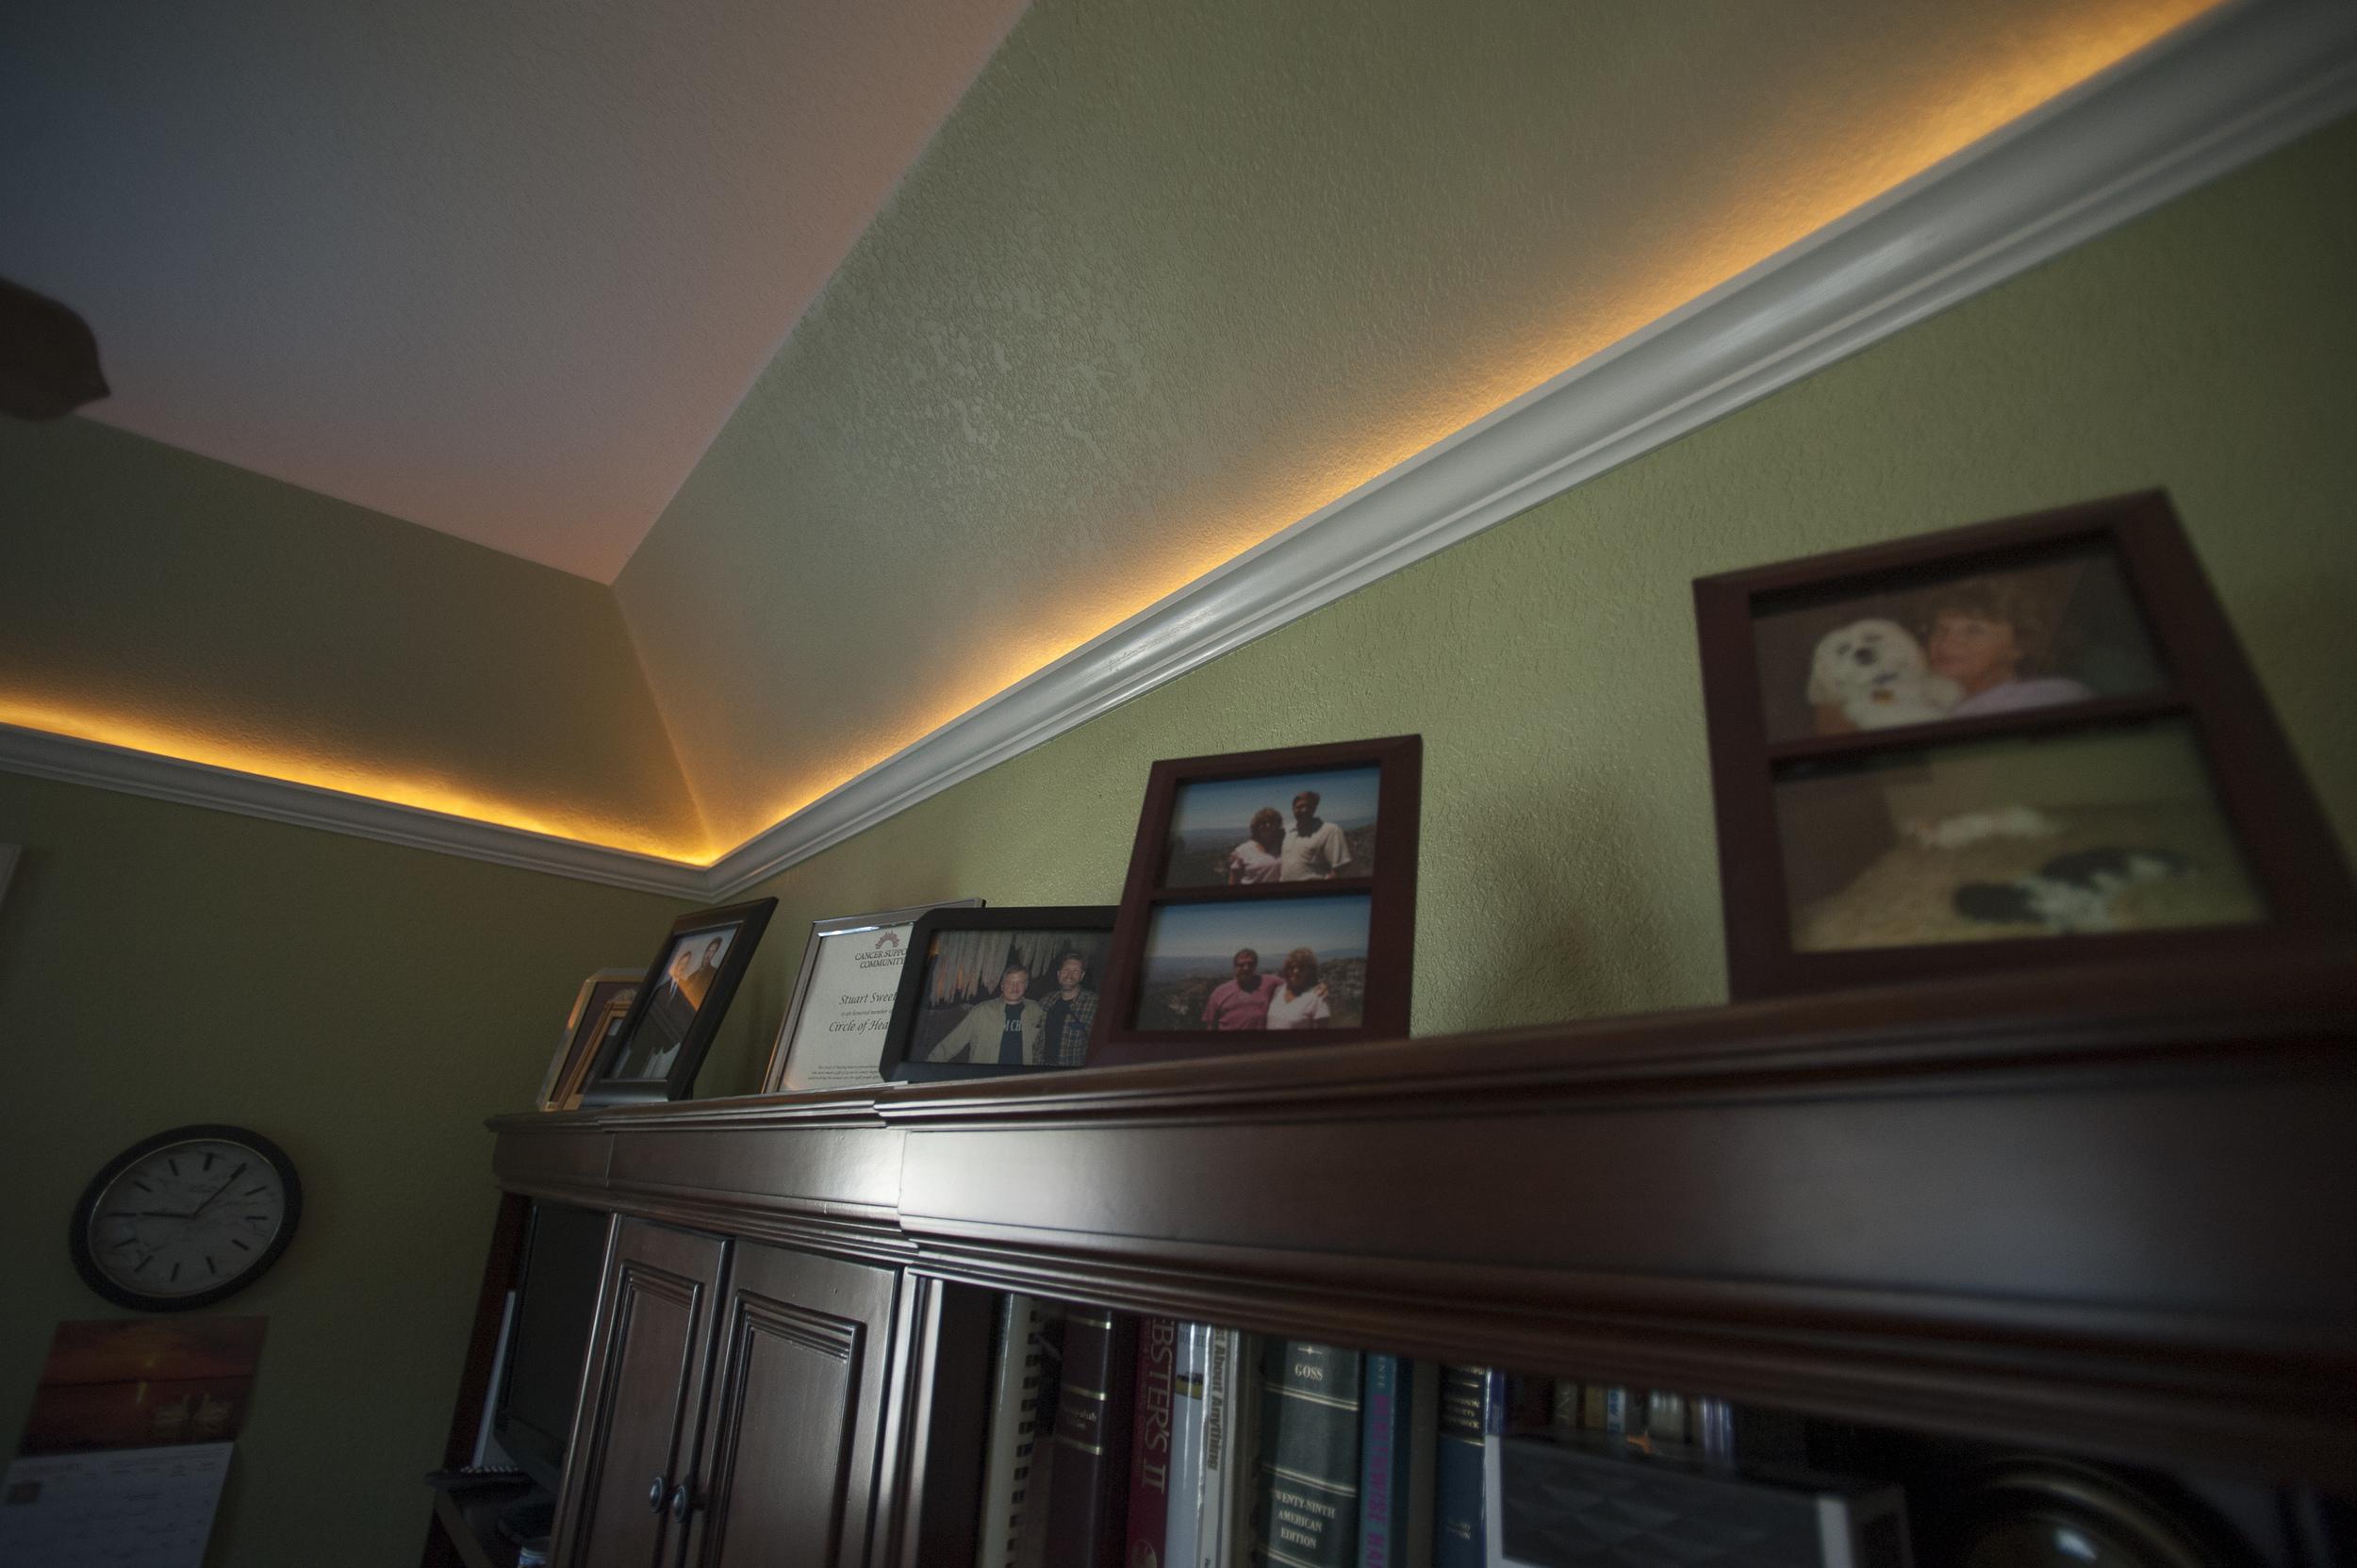 crown moulding lighting 1.jpg